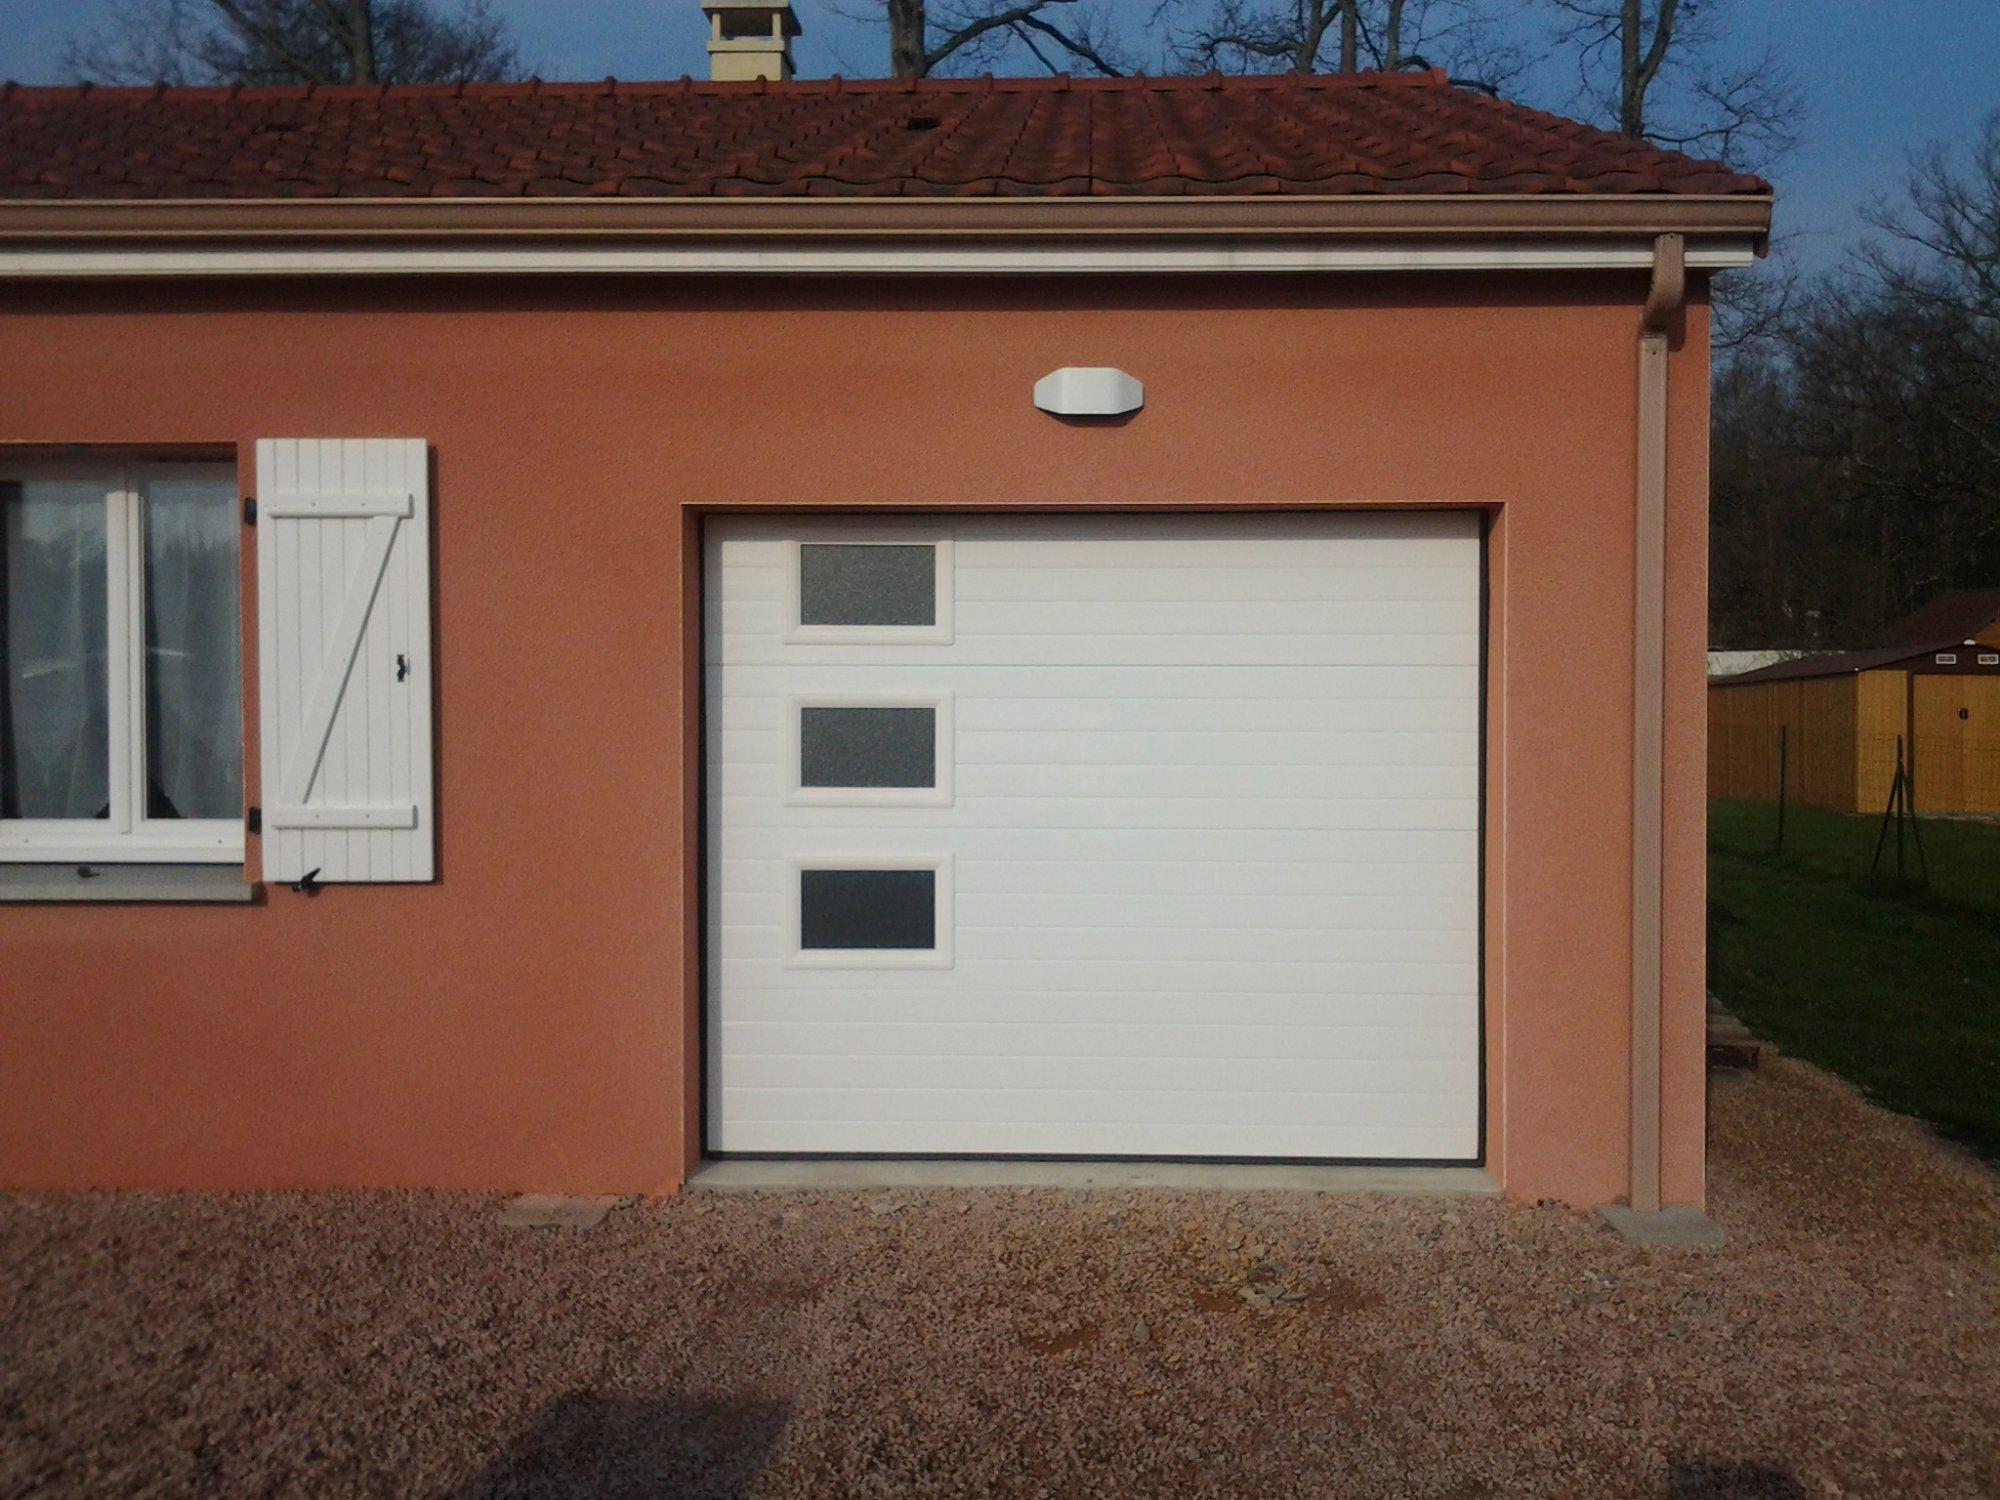 Porte de garage sectionnelle plafond techpro ascenseur for Prix porte de garage techpro